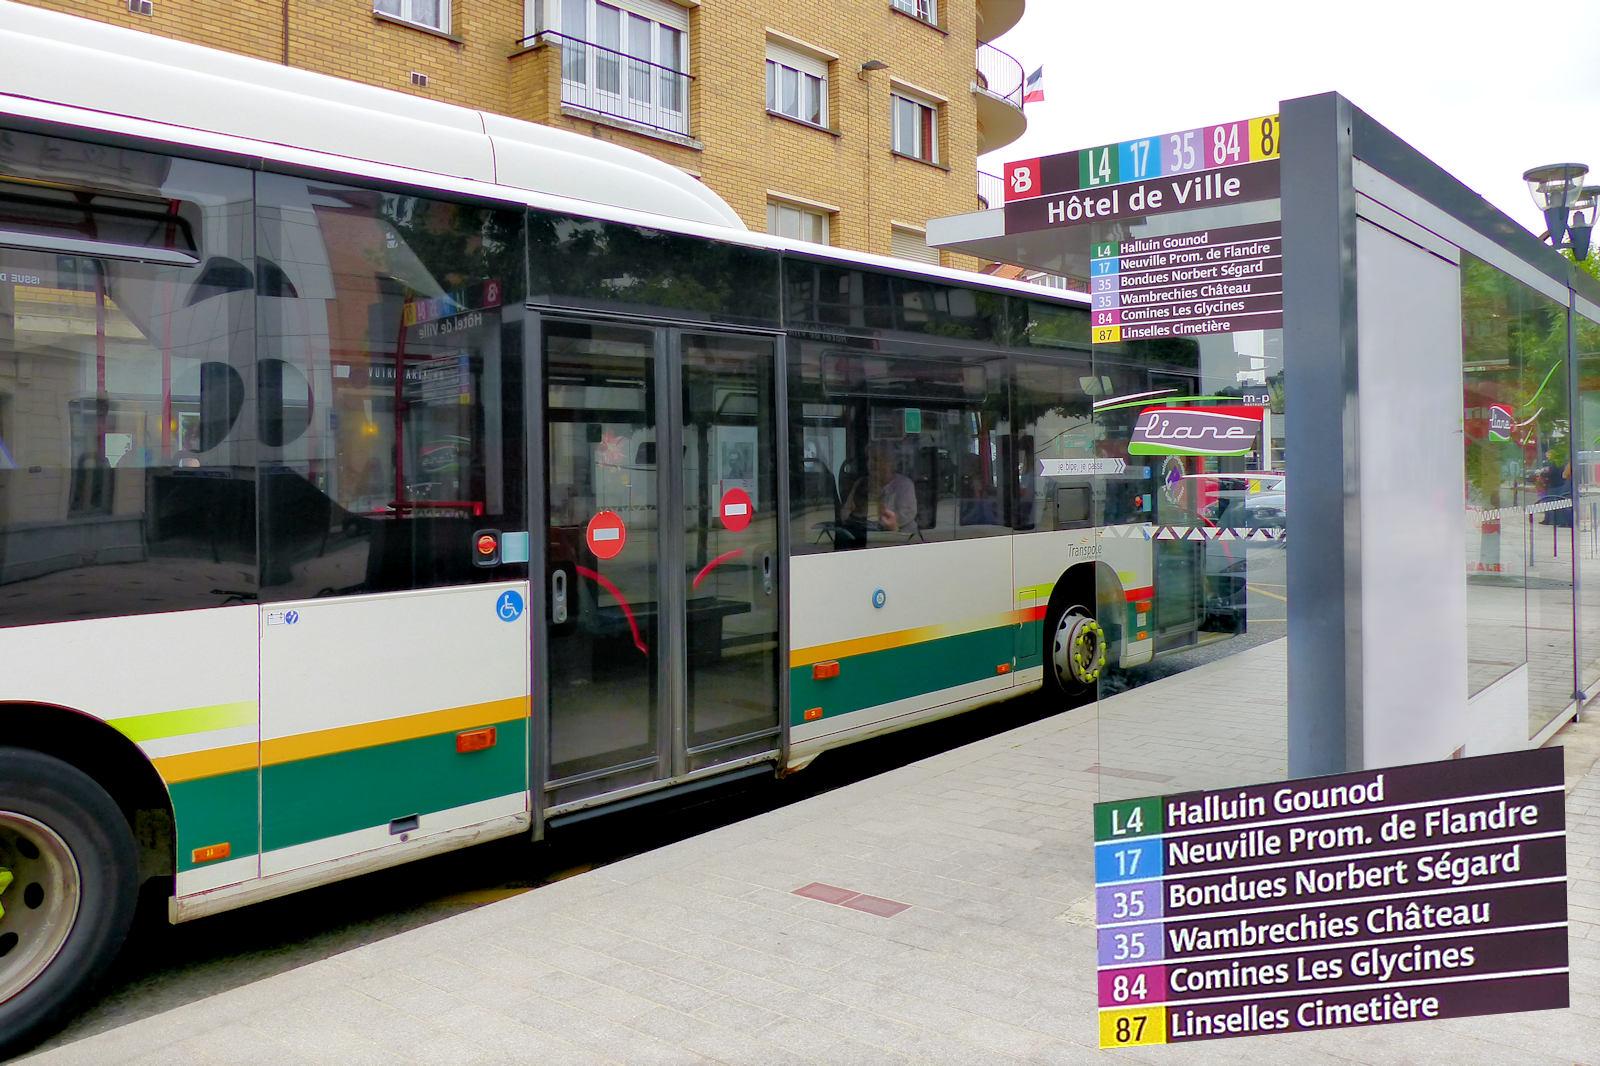 """Arrêt Bus """"Hôtel de Ville"""" - Tourcoing"""